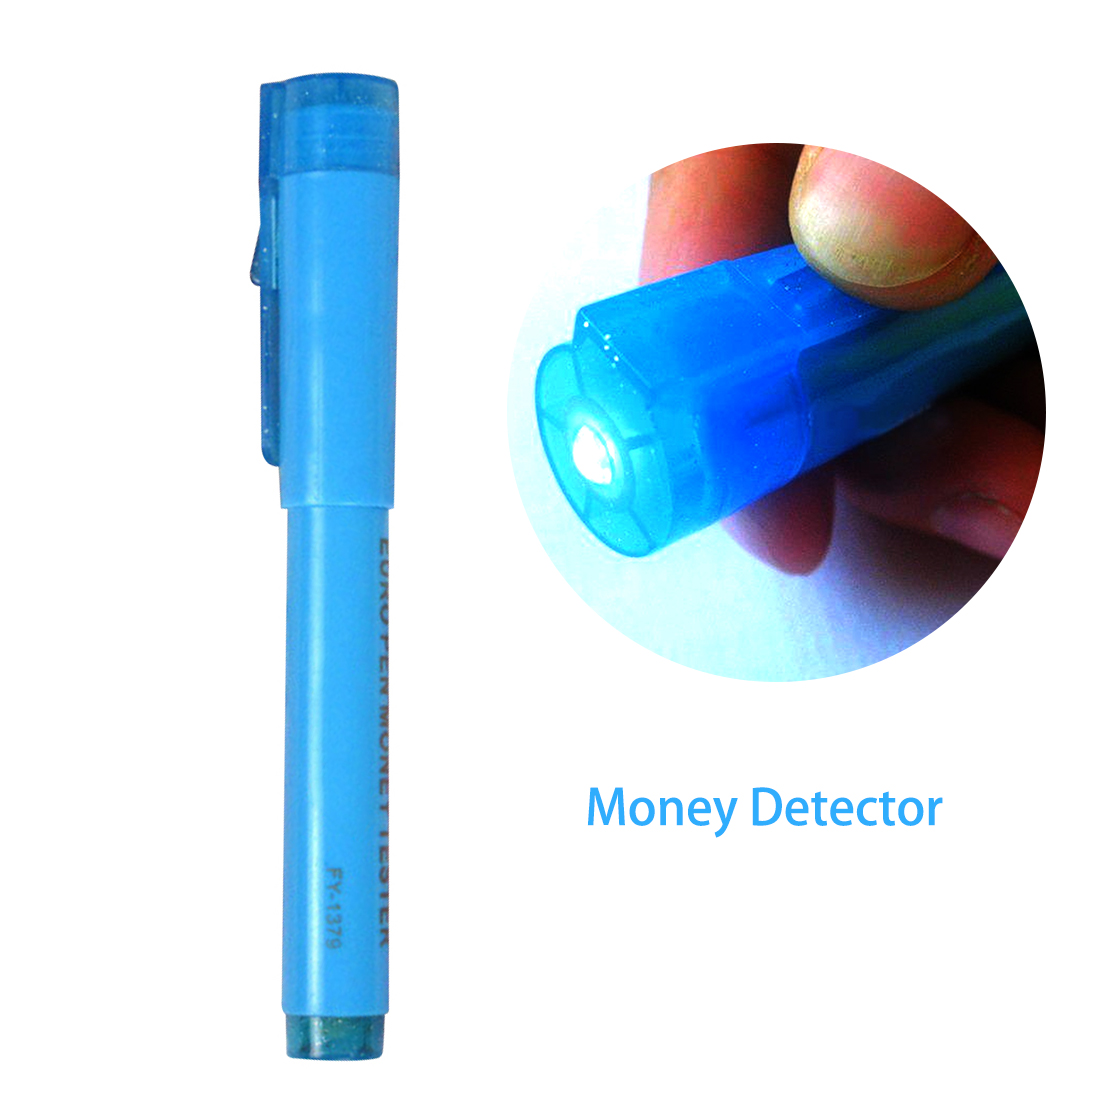 Detector de Notas de Luz Útil Falsificado Dinheiro Nota Banco Verificador Testador Marcador Caneta 1pc 2 In1 uv